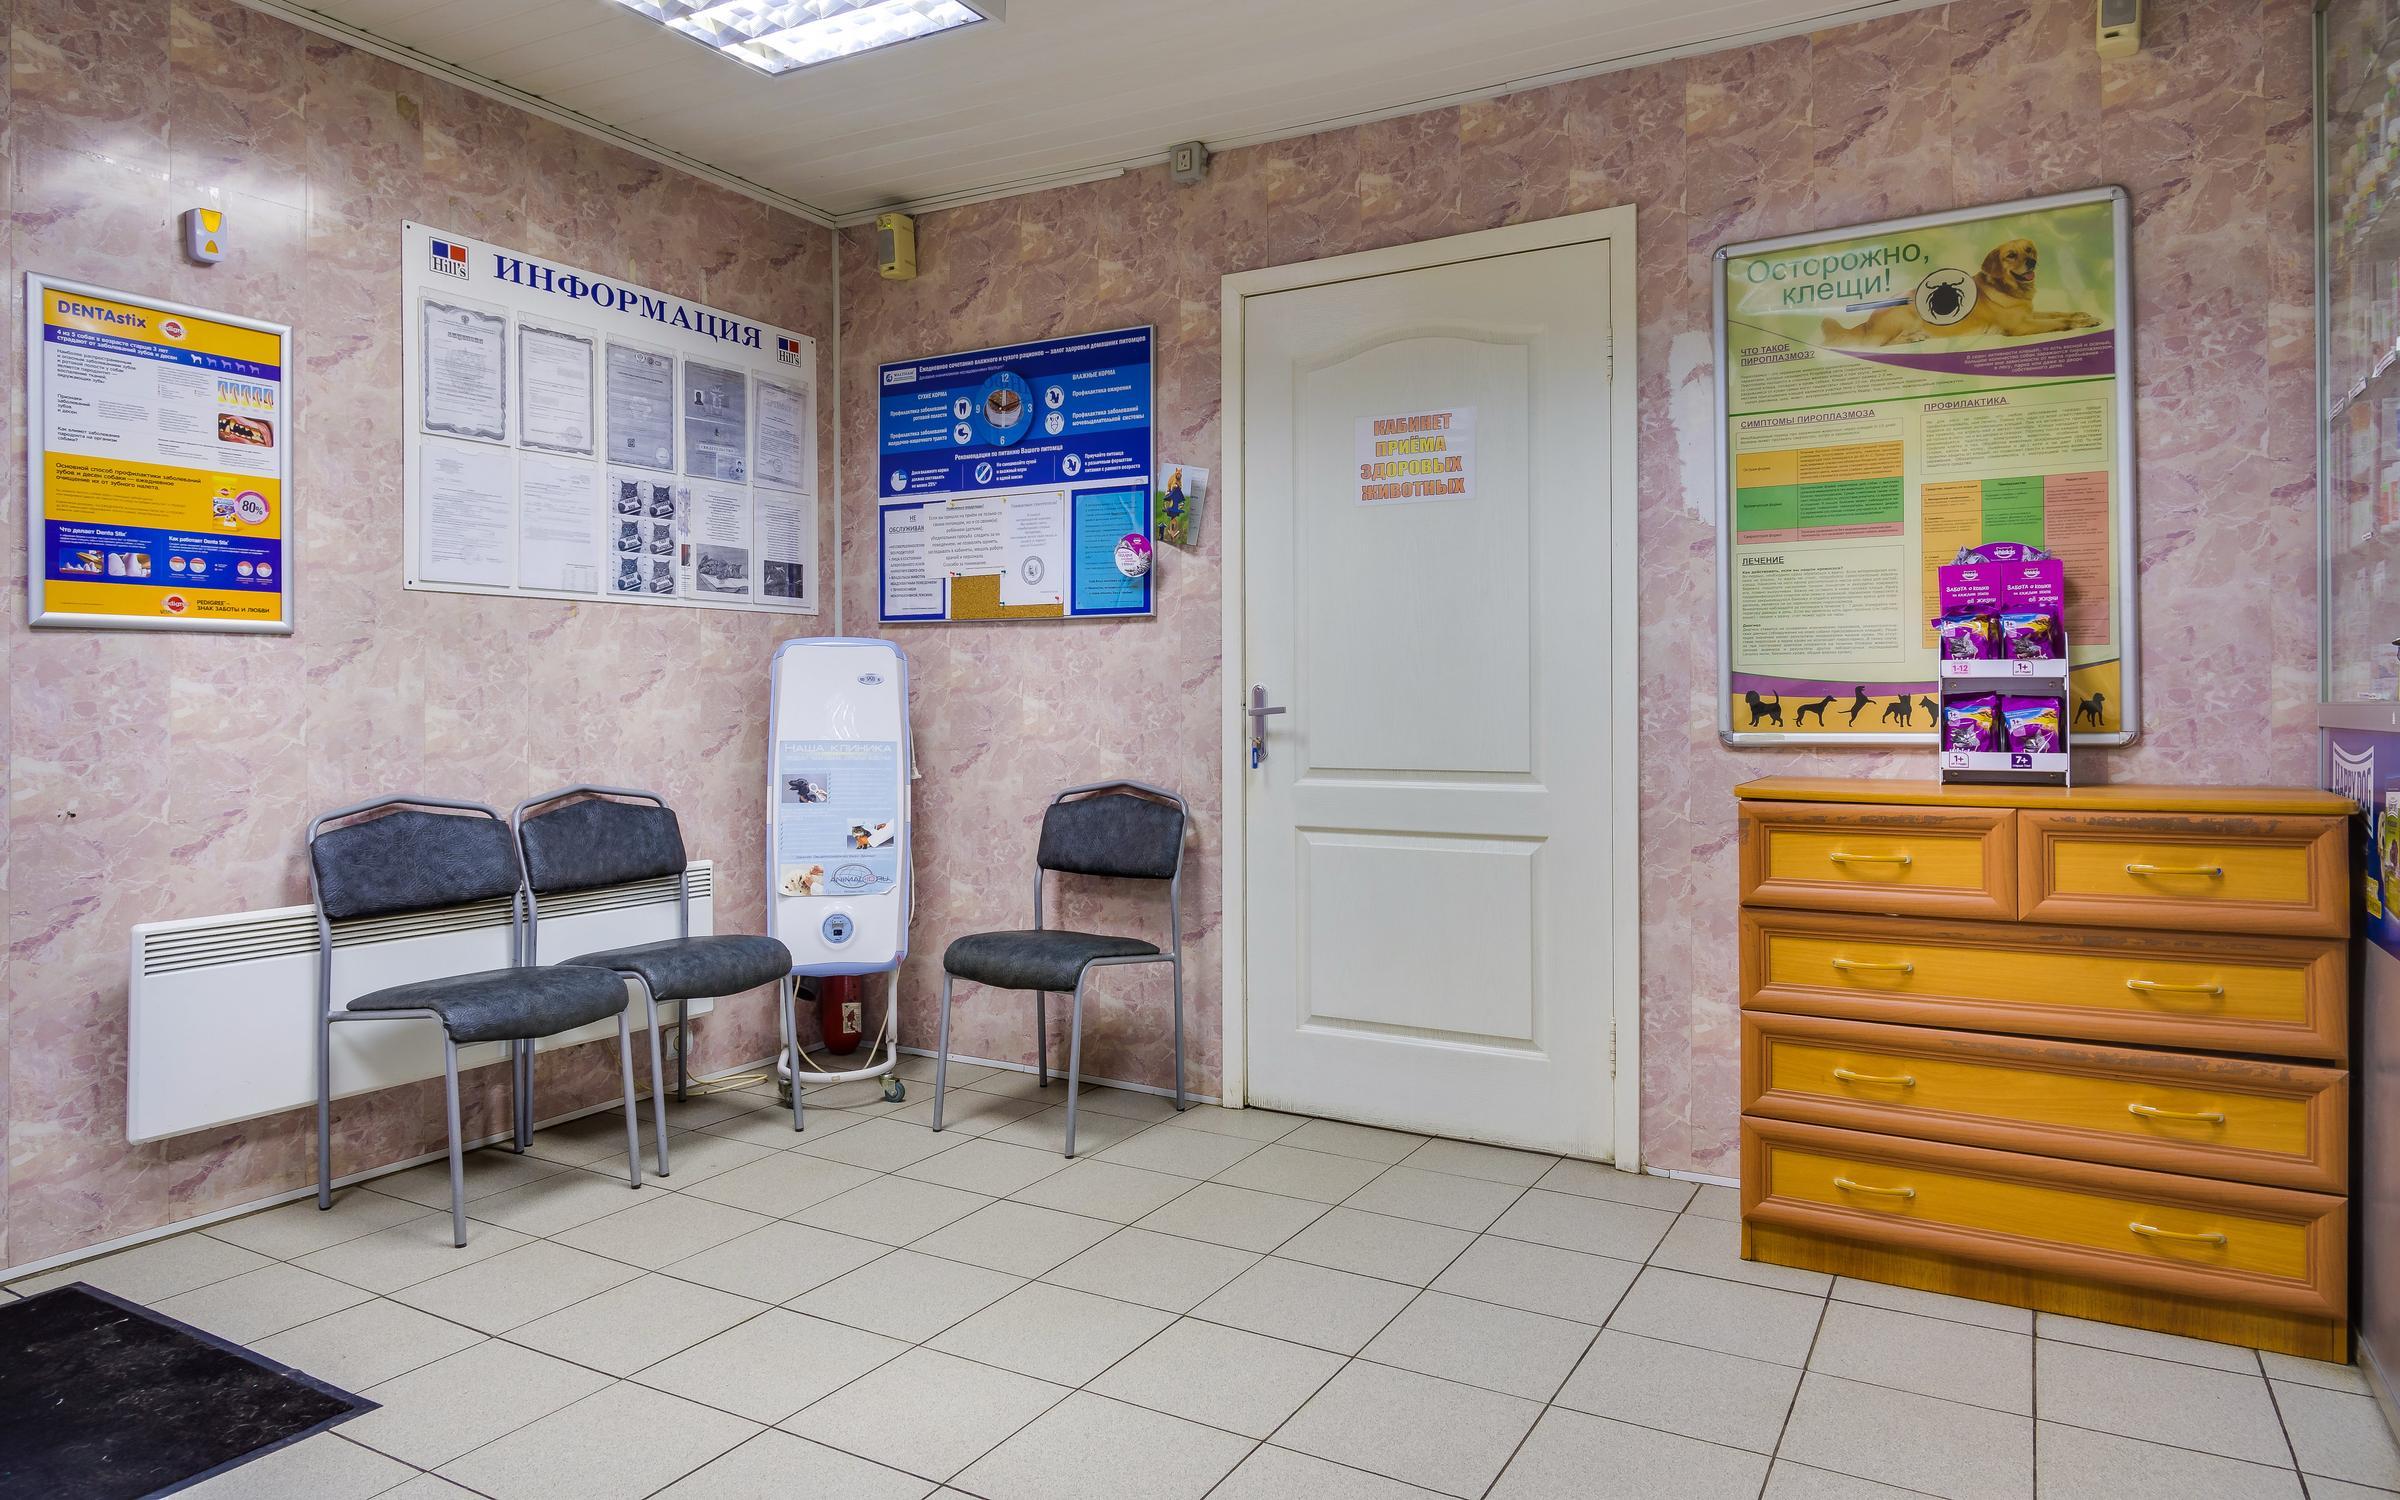 Ветеринарная клиника проспект мельникова 10